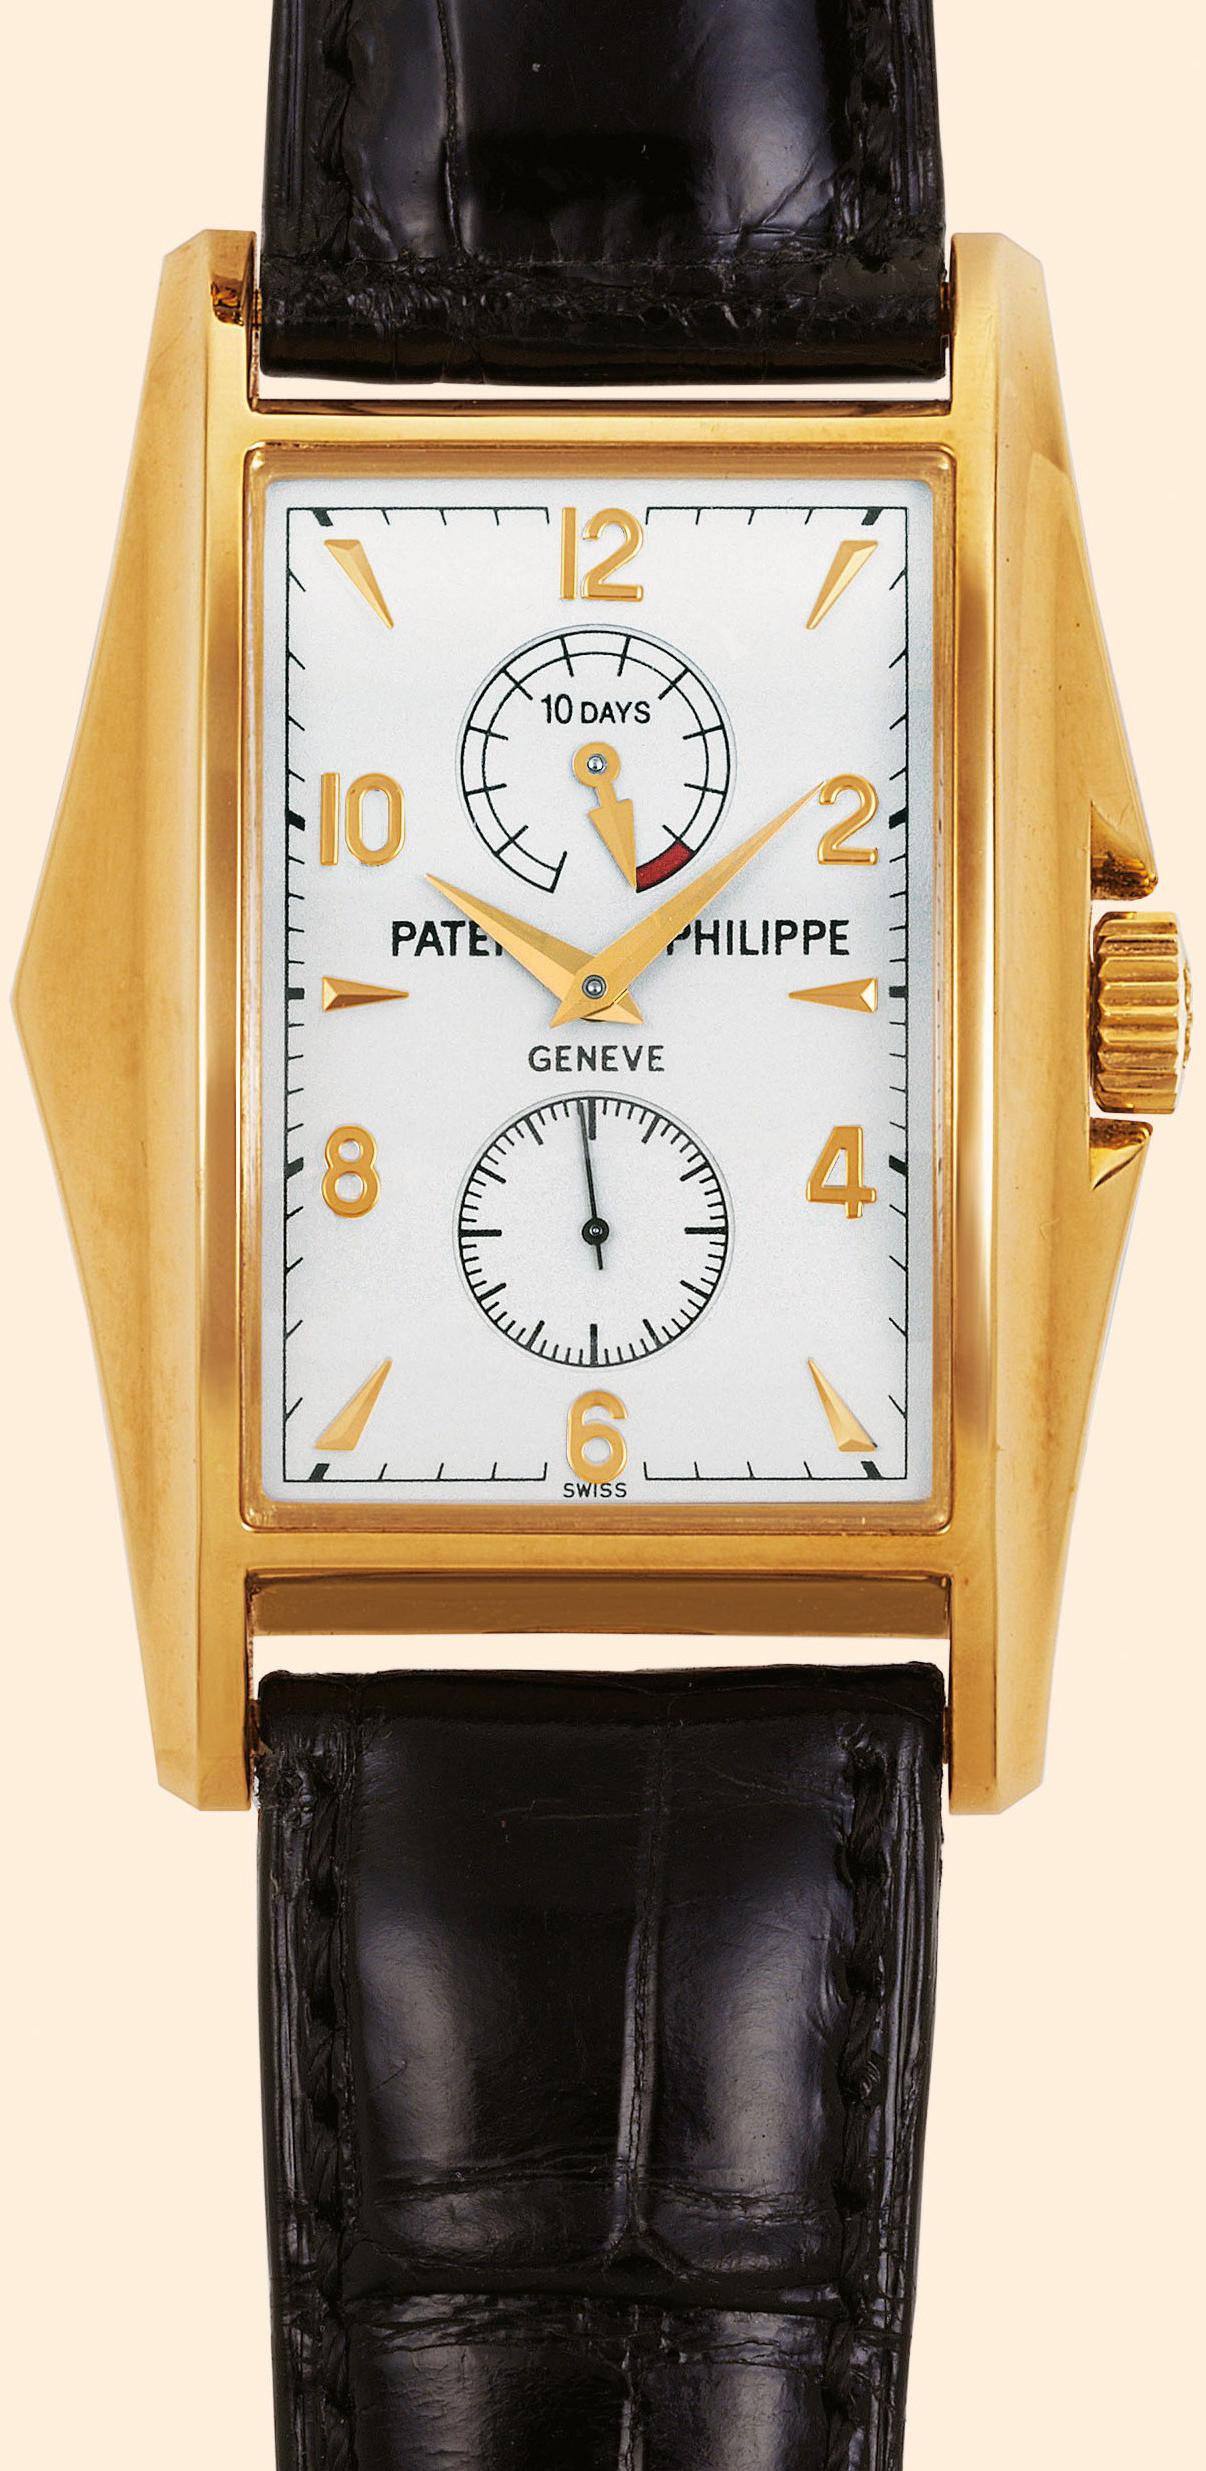 часы Patek Philippe 5100J 10 Day